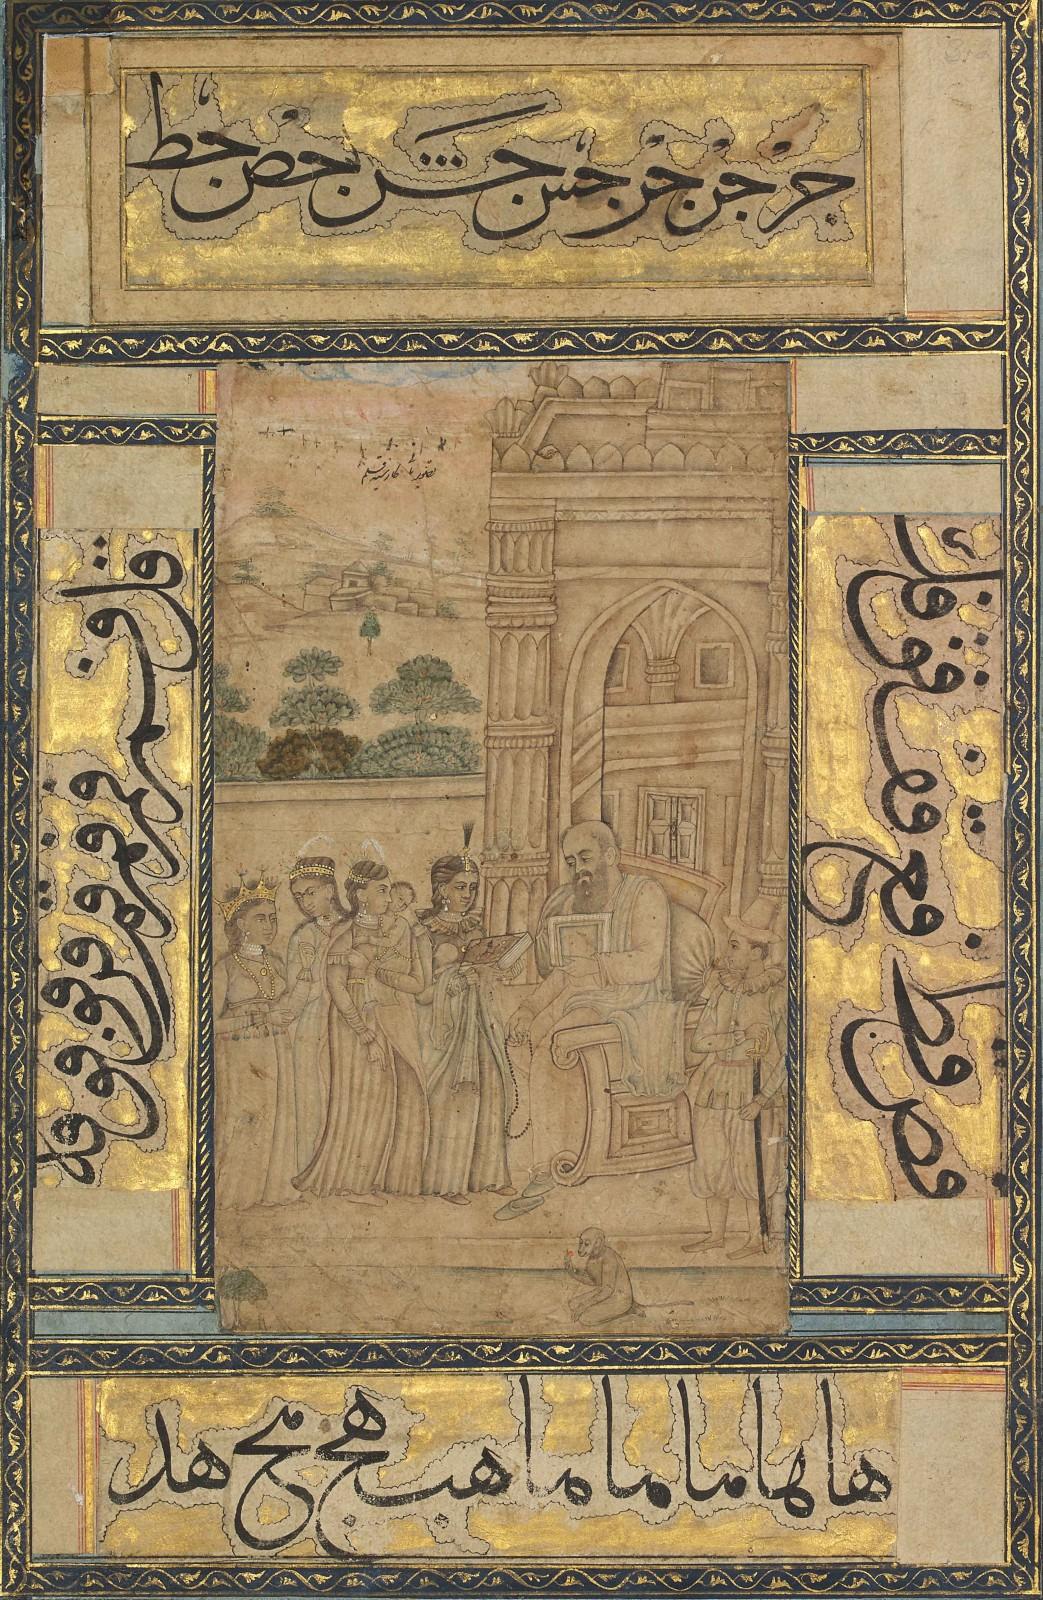 A scene in the temple, Deccan, late 17th century